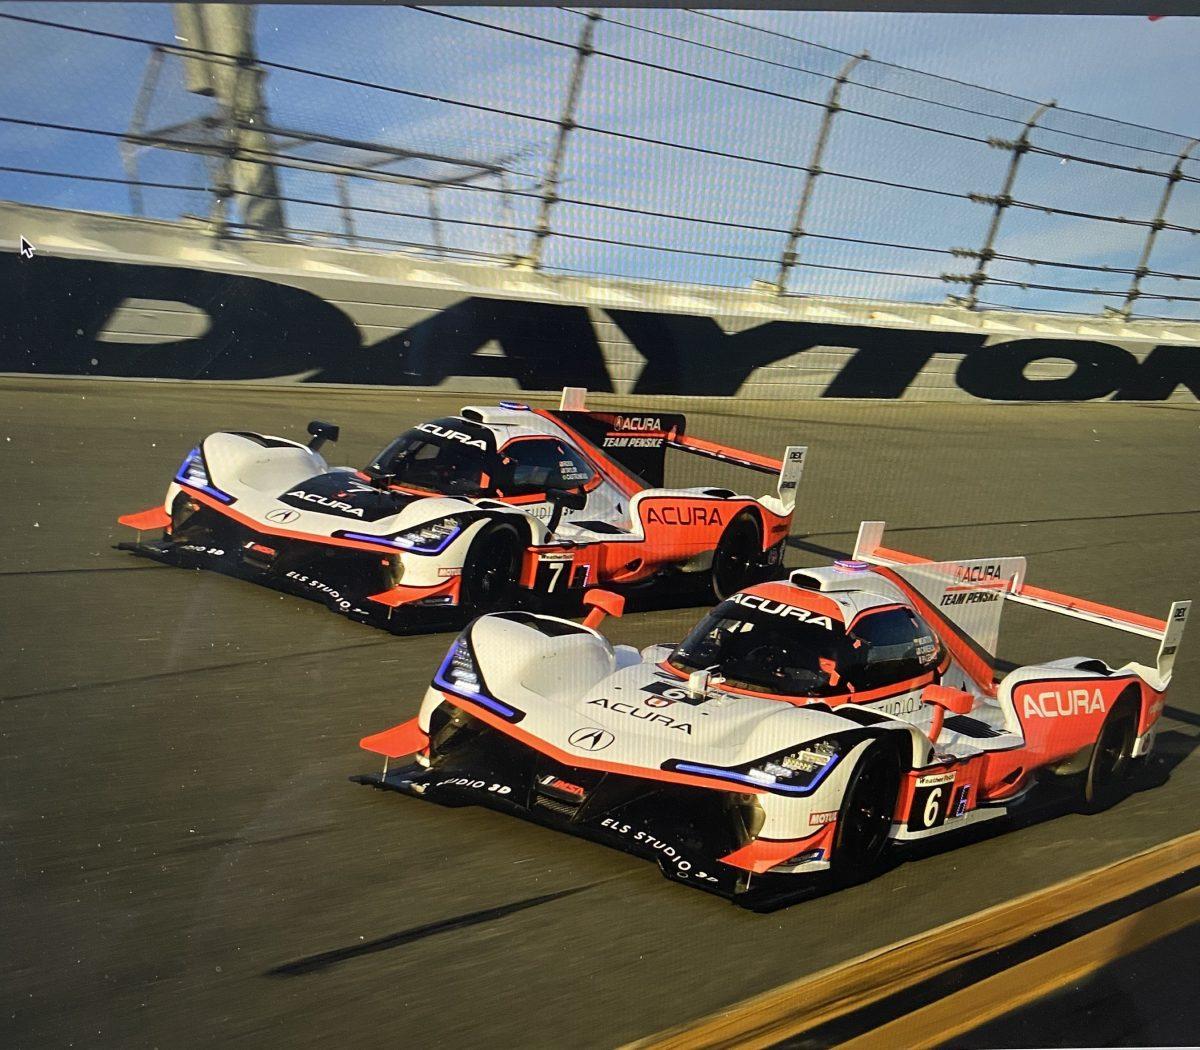 La exitosa asociación de Acura con el equipo Penske terminará después del 2020